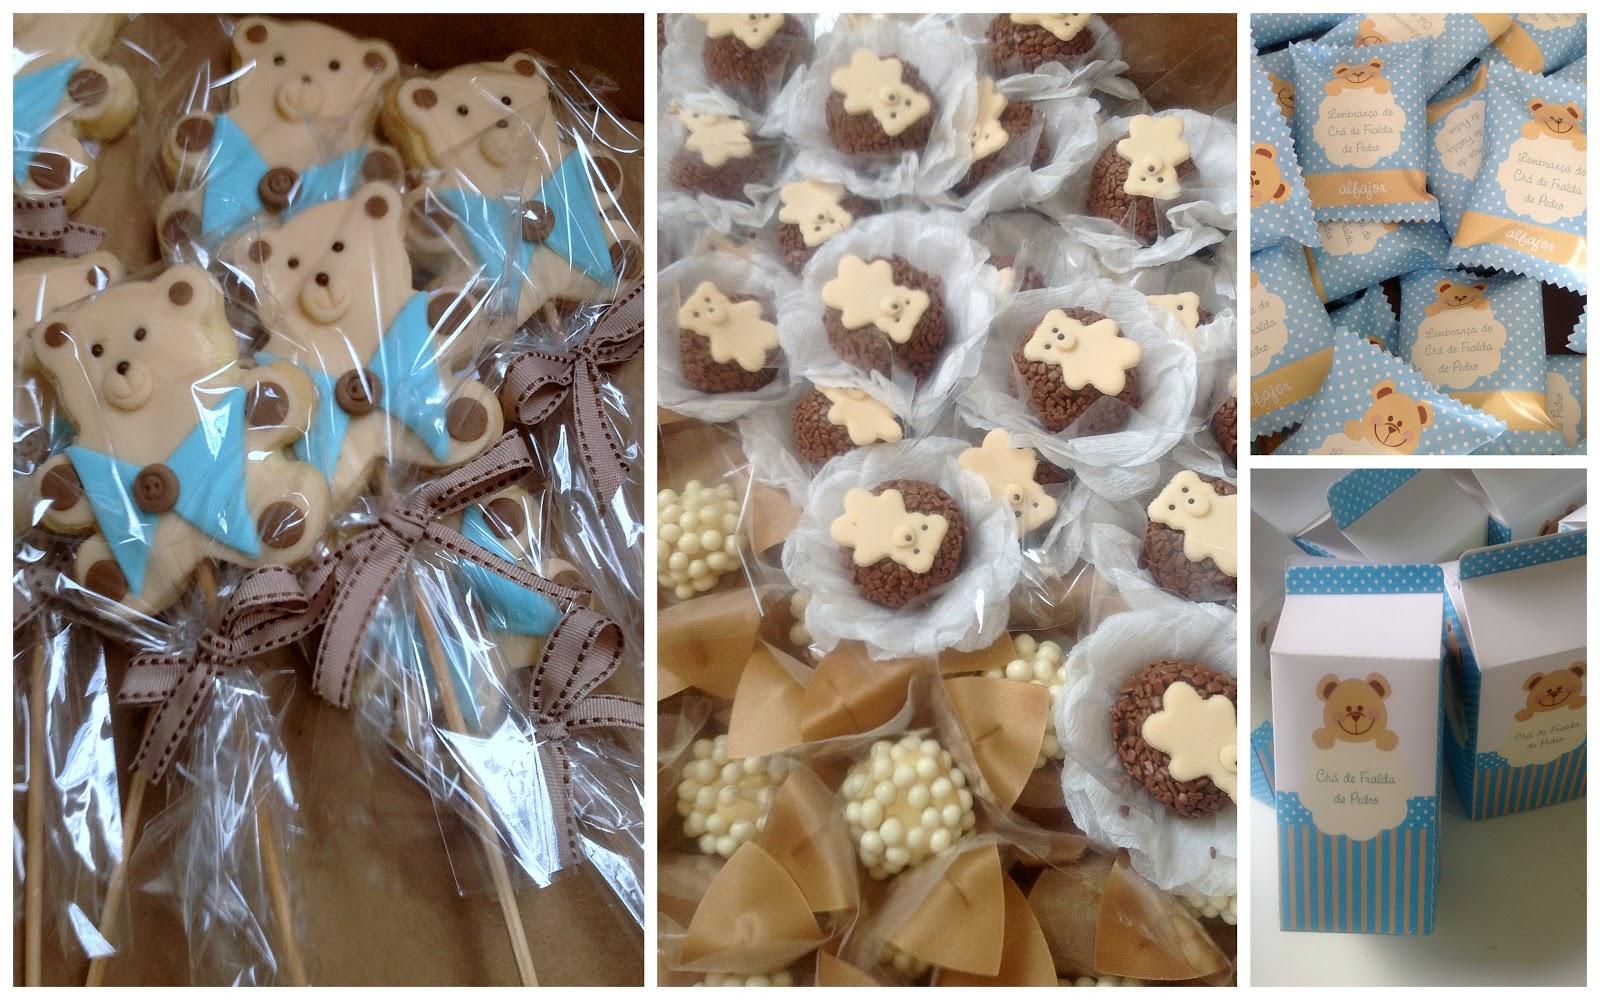 festa jardim dos ursos:Dolce Vila: Docinhos decorados para festa urso